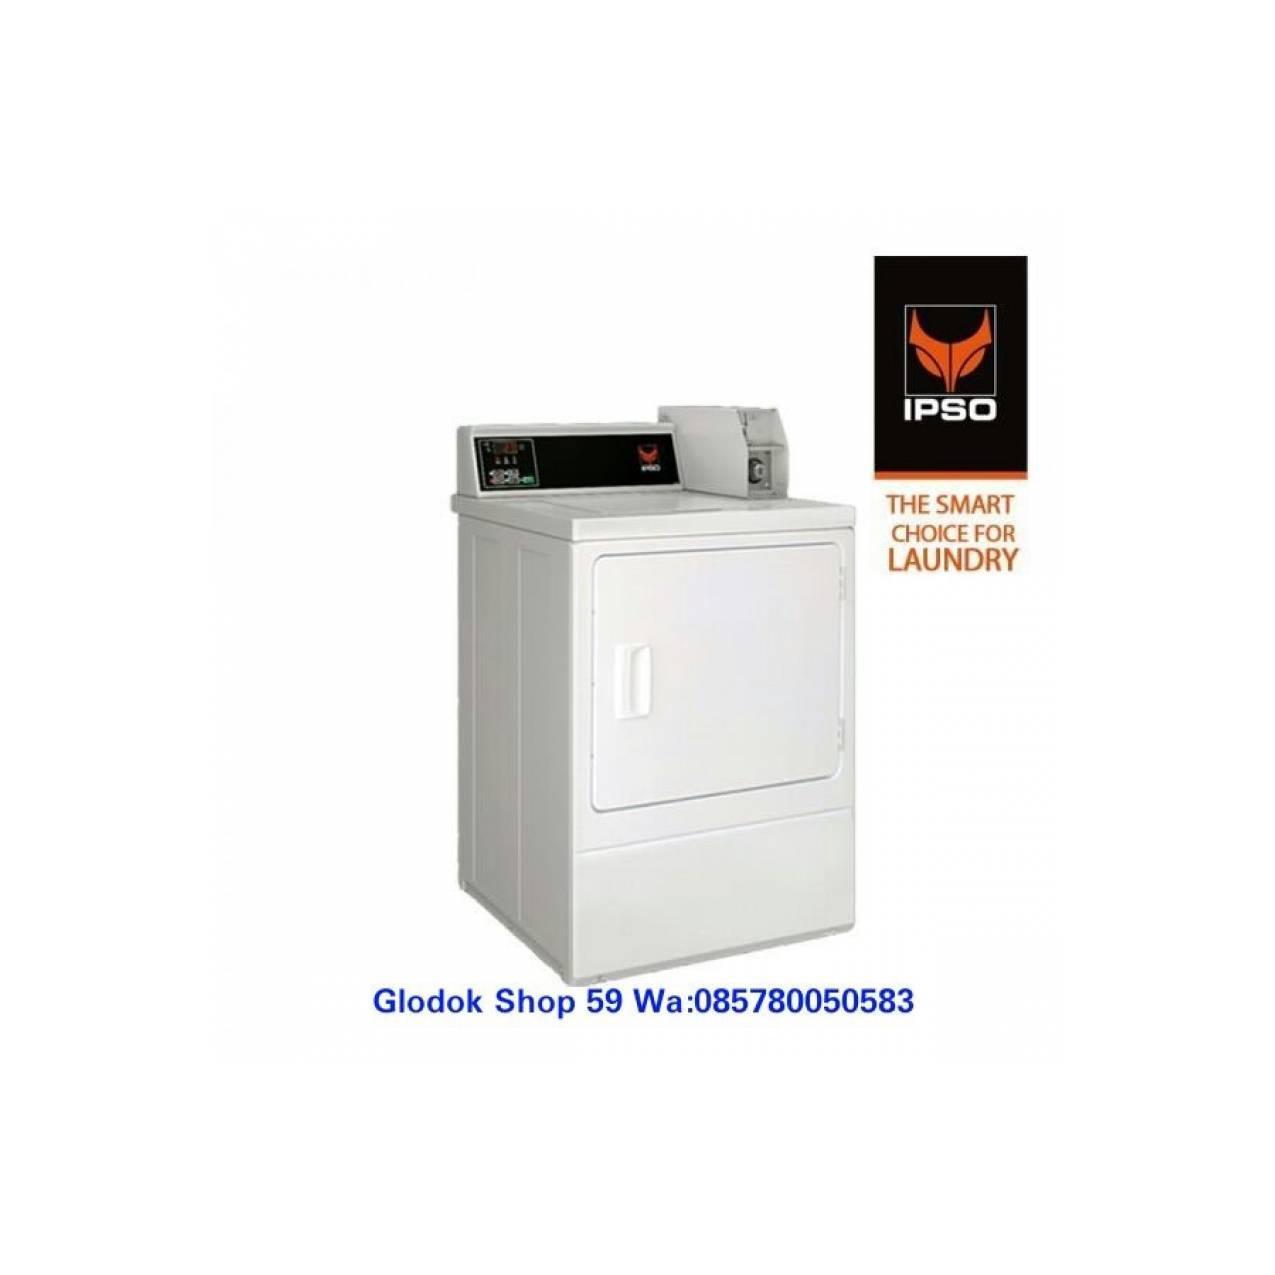 IPSO MESIN PENGERING 10.5 KG COIN NDG DIGITAL PANEL LAUNDRY EXPRESS